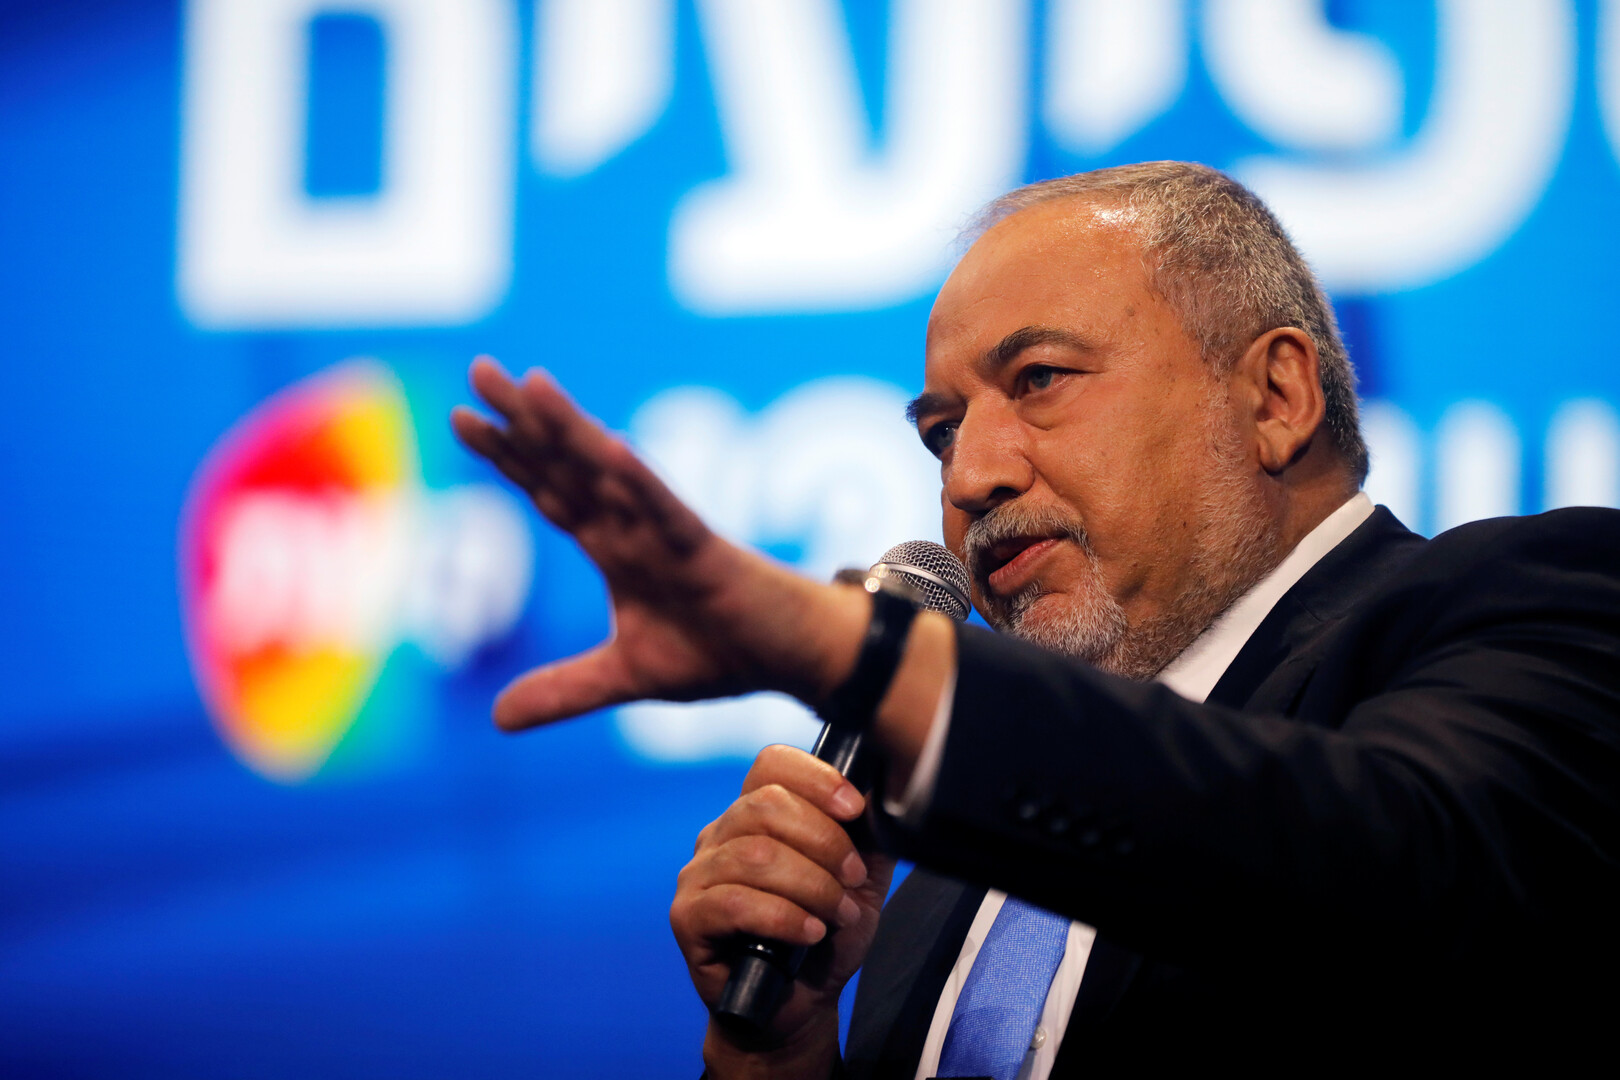 ليبرمان: نحن من سيقرر من يكون رئيس الحكومة الإسرائيلية المقبلة